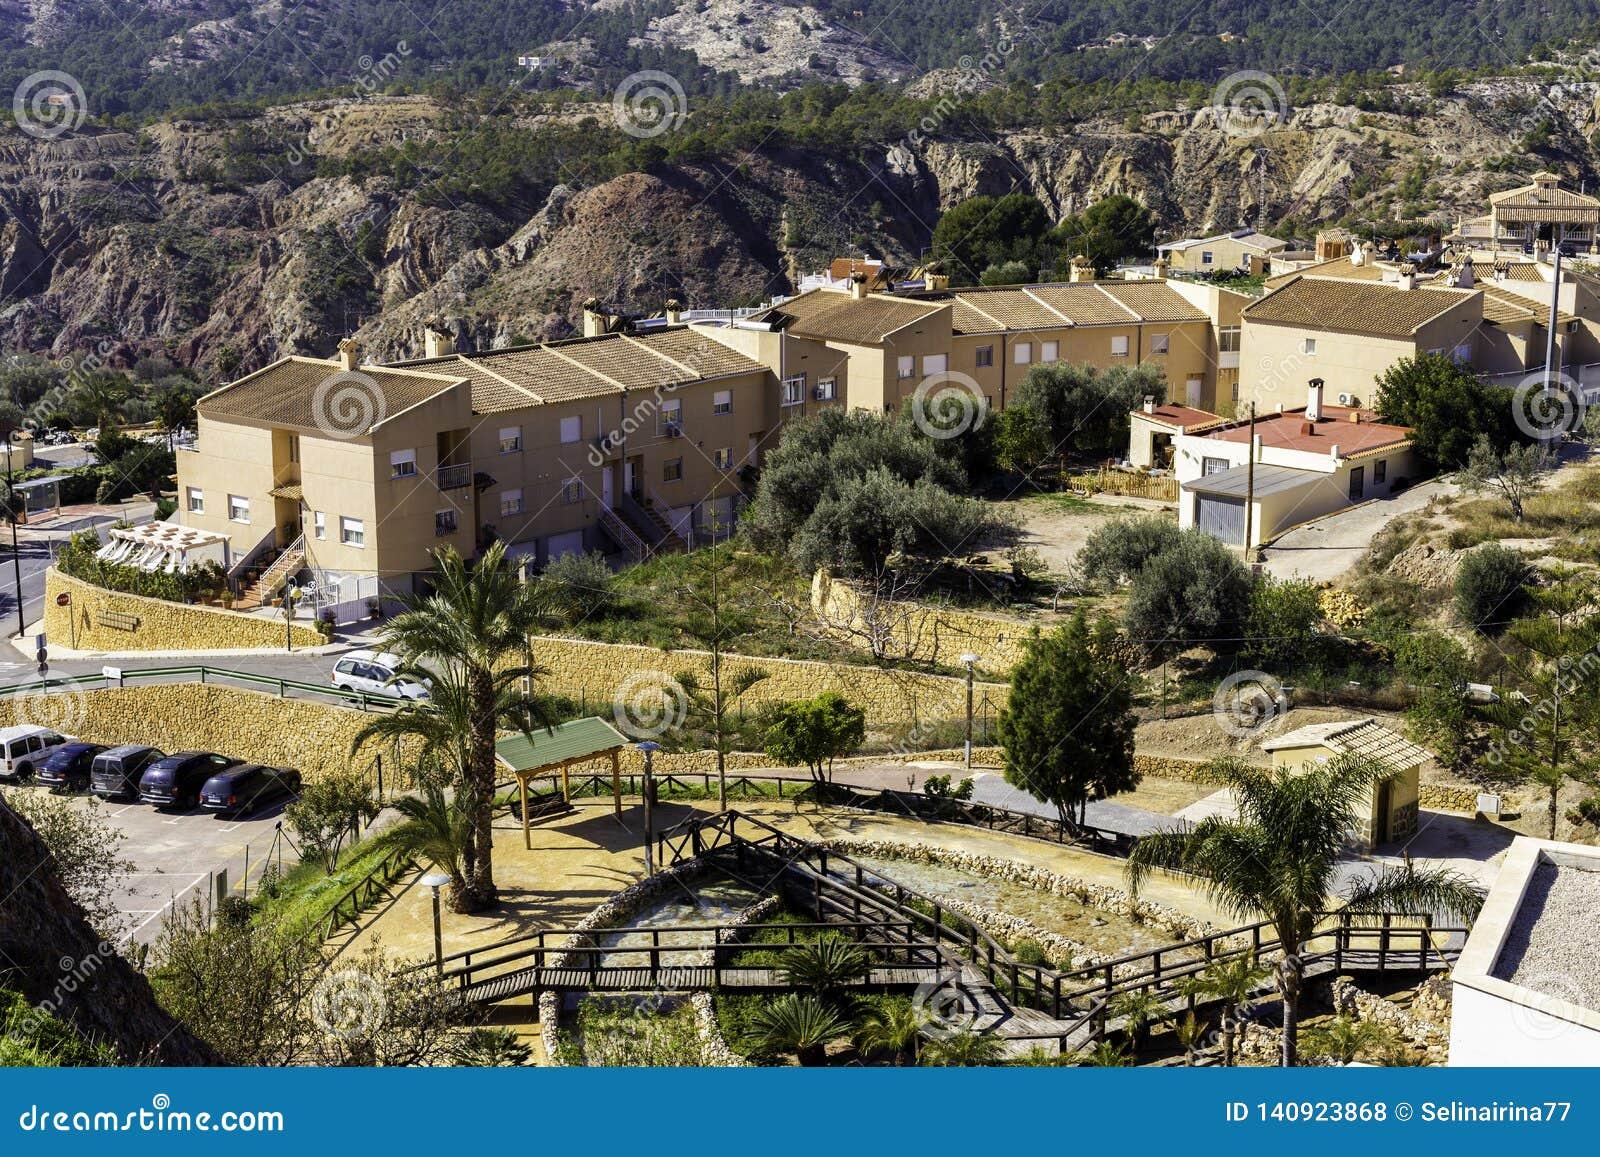 Spaans dorp met huizen, parkeren en gebied voor rust en gangen bij de voet bergen, Fenistrat Spanje